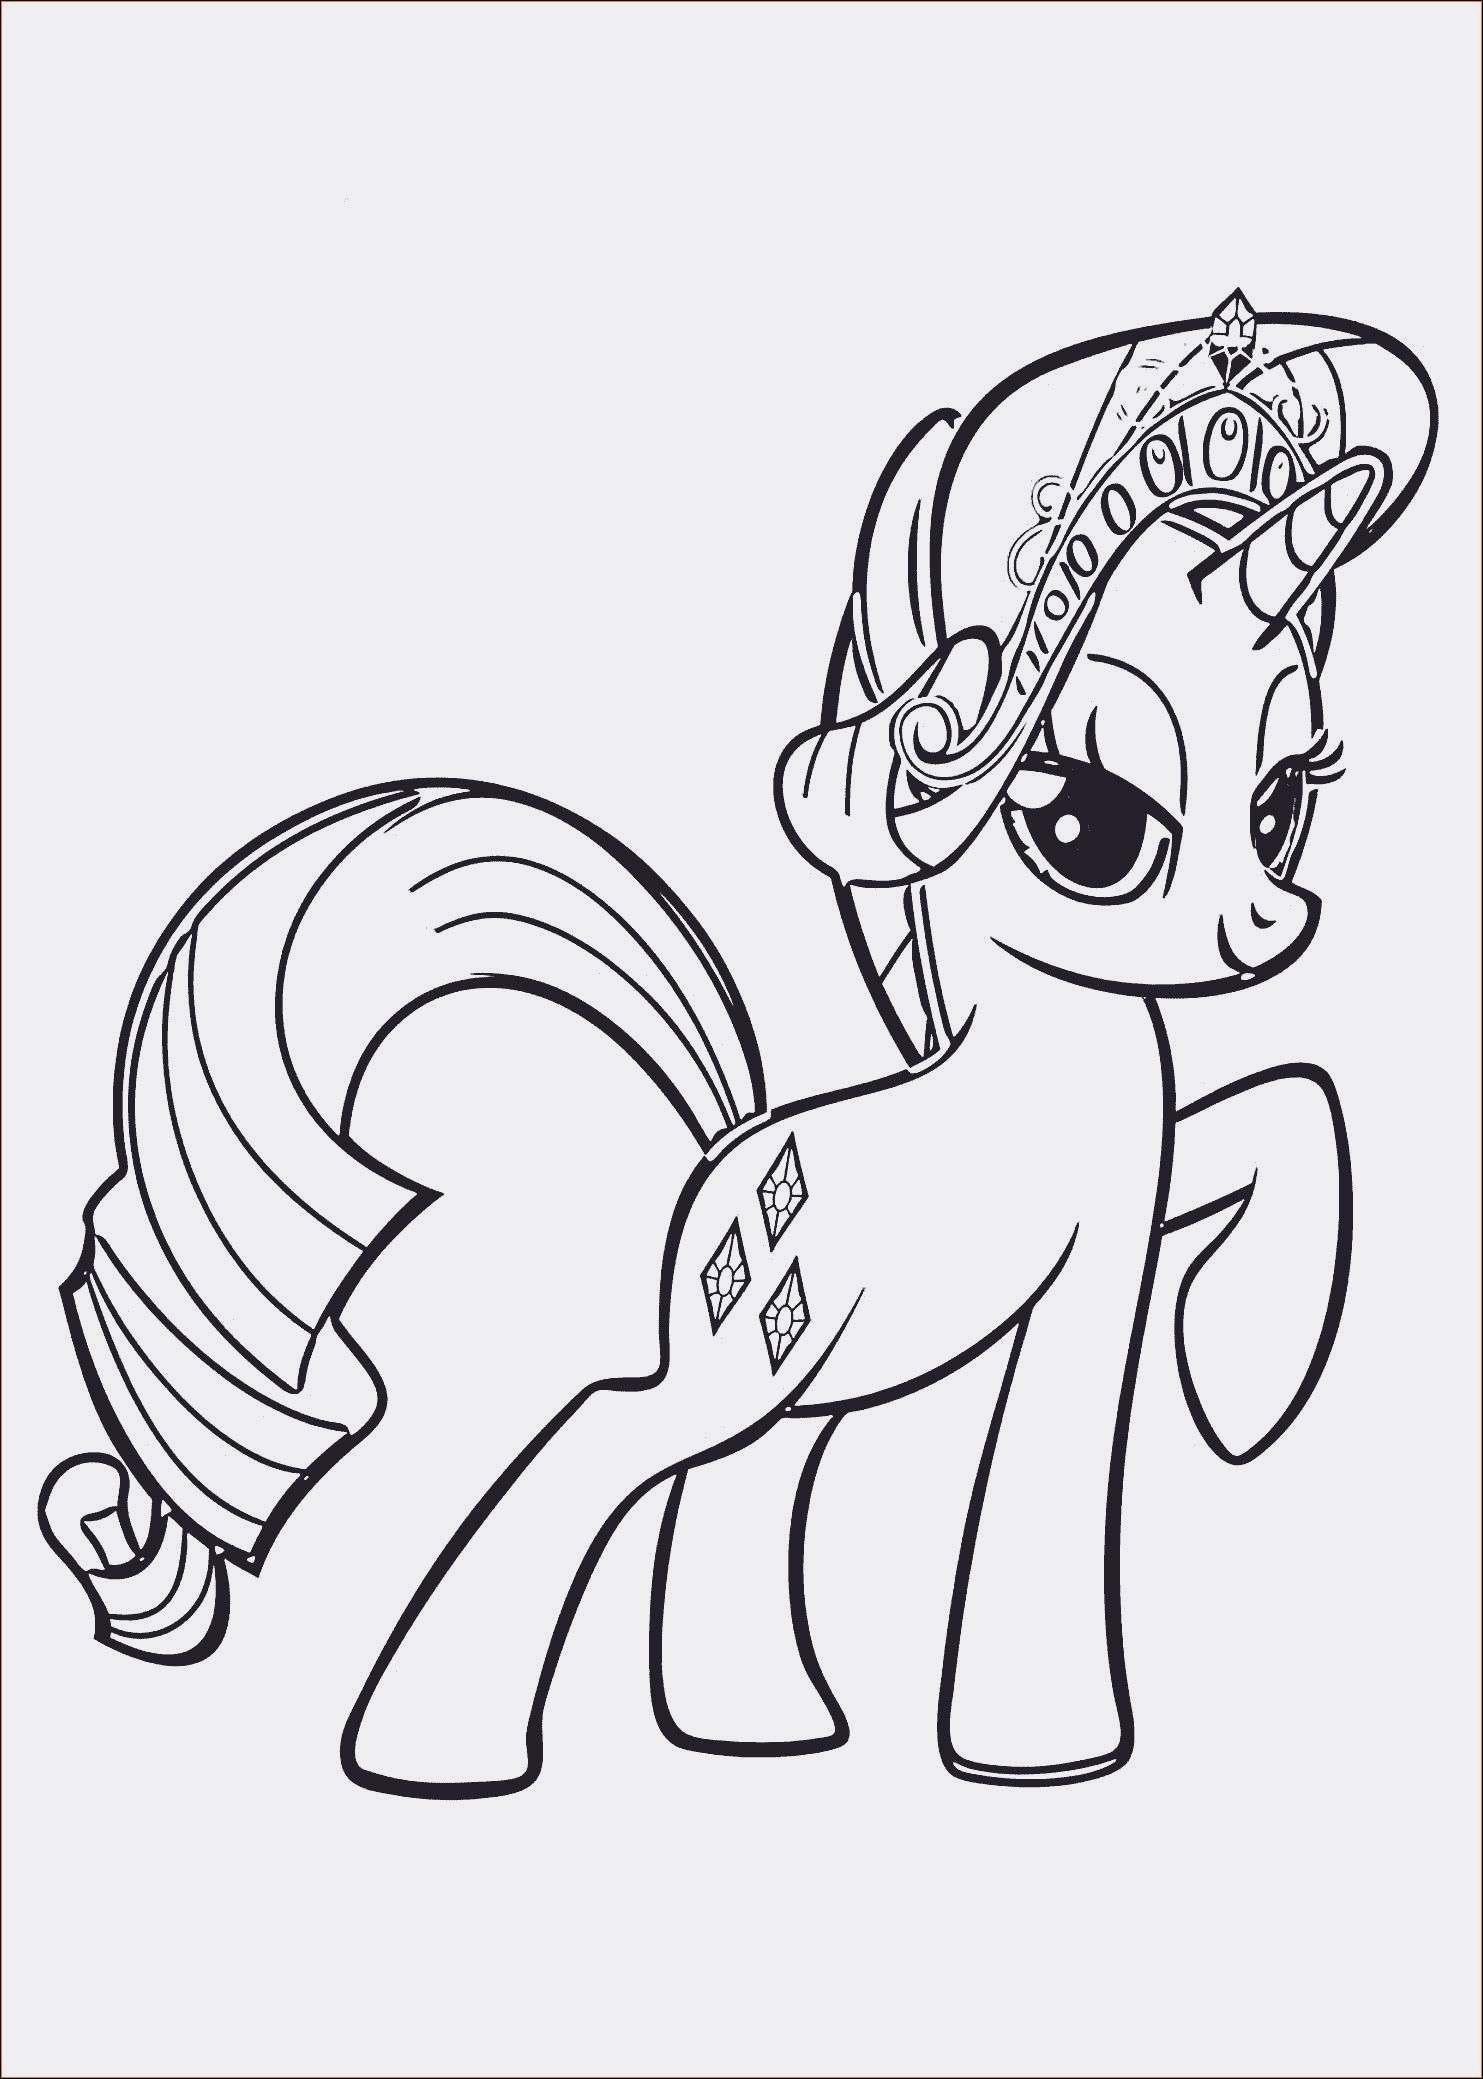 My Little Pony Rainbow Dash Ausmalbilder Einzigartig Beispielbilder Färben My Little Pony Ausmalbilder Einzigartig My Das Bild